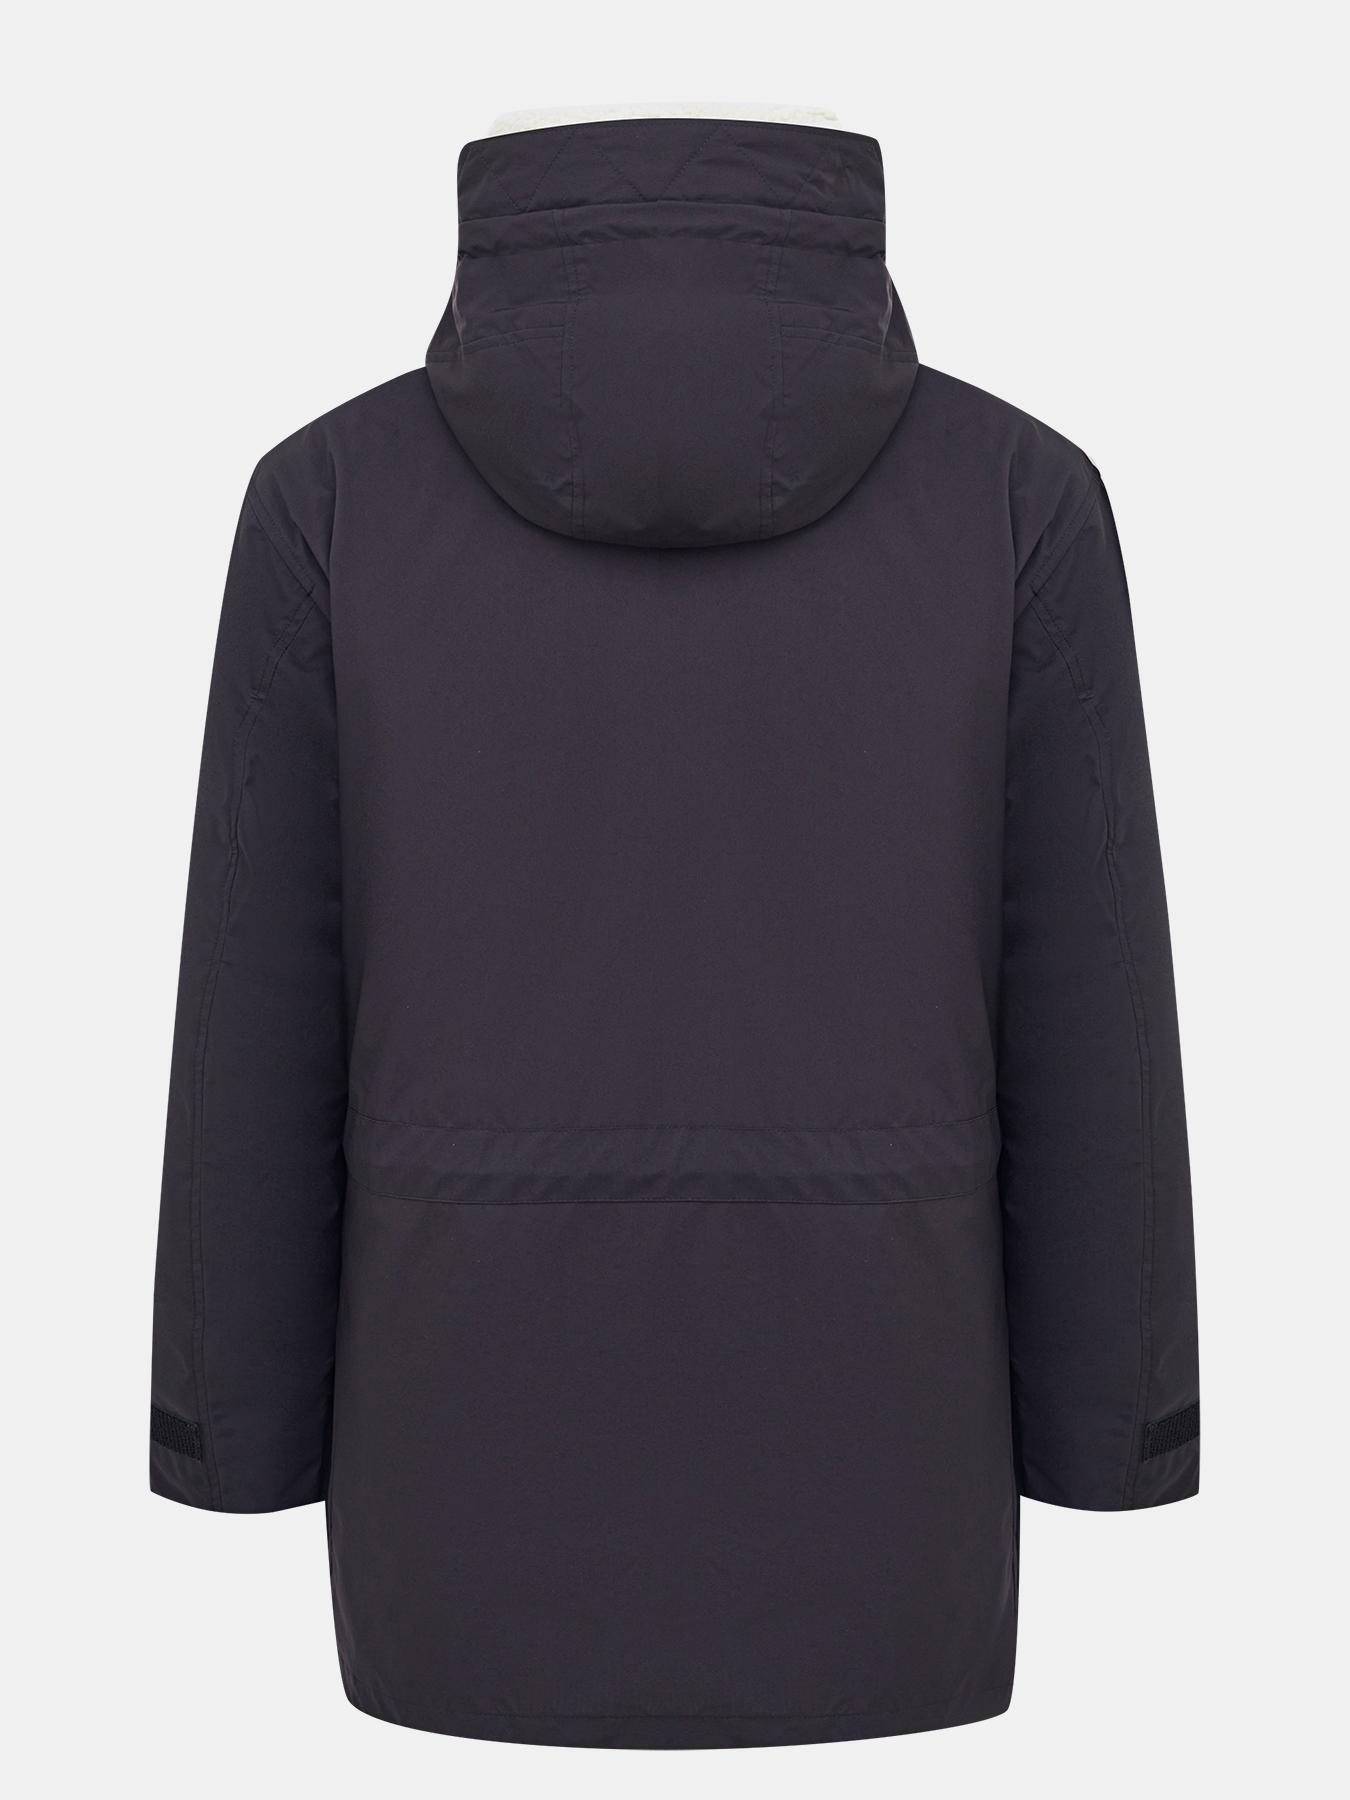 Куртка Tommy Hilfiger Мужская куртка 2 в 1